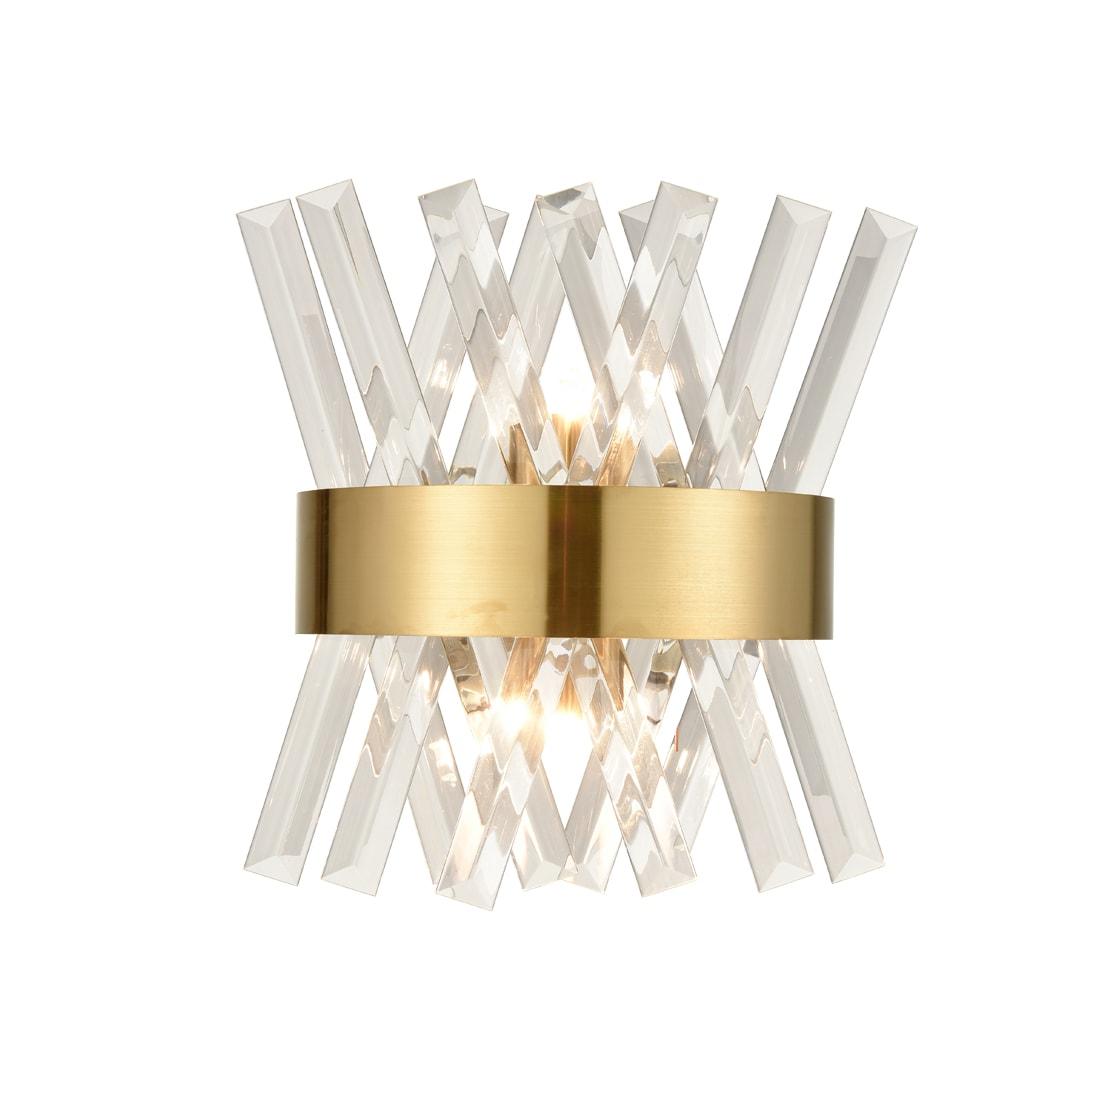 Modern Brass Crystal Wall Sconce Lighting Fixture 2-Light